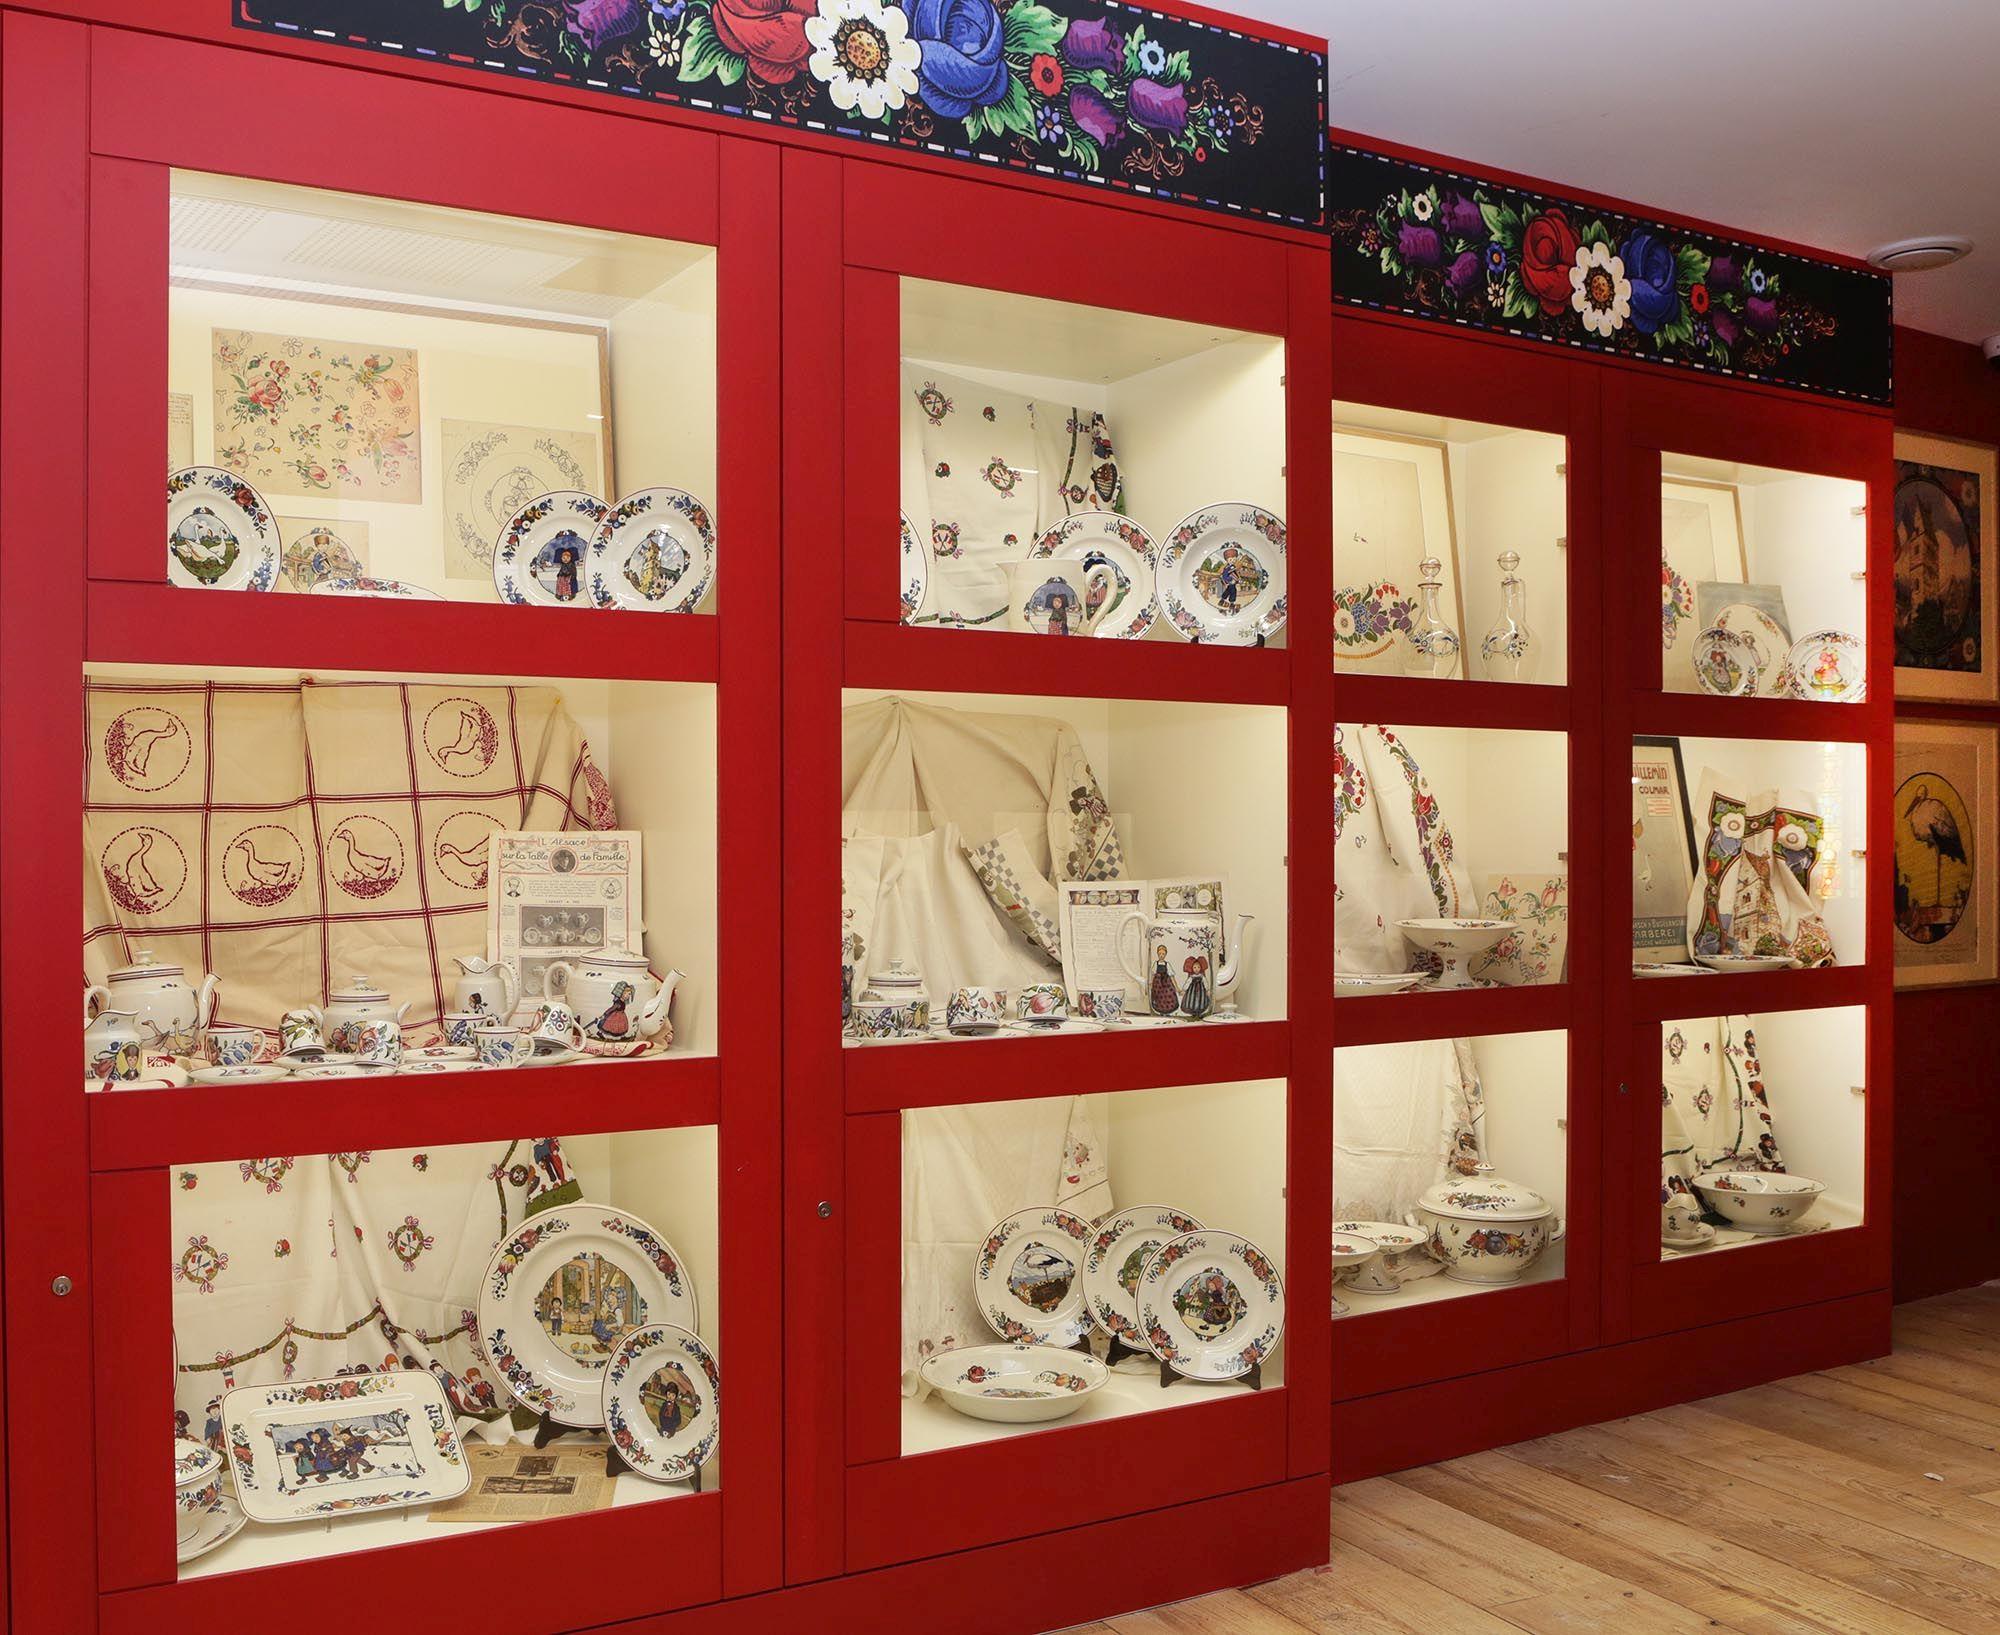 Hansi Museum